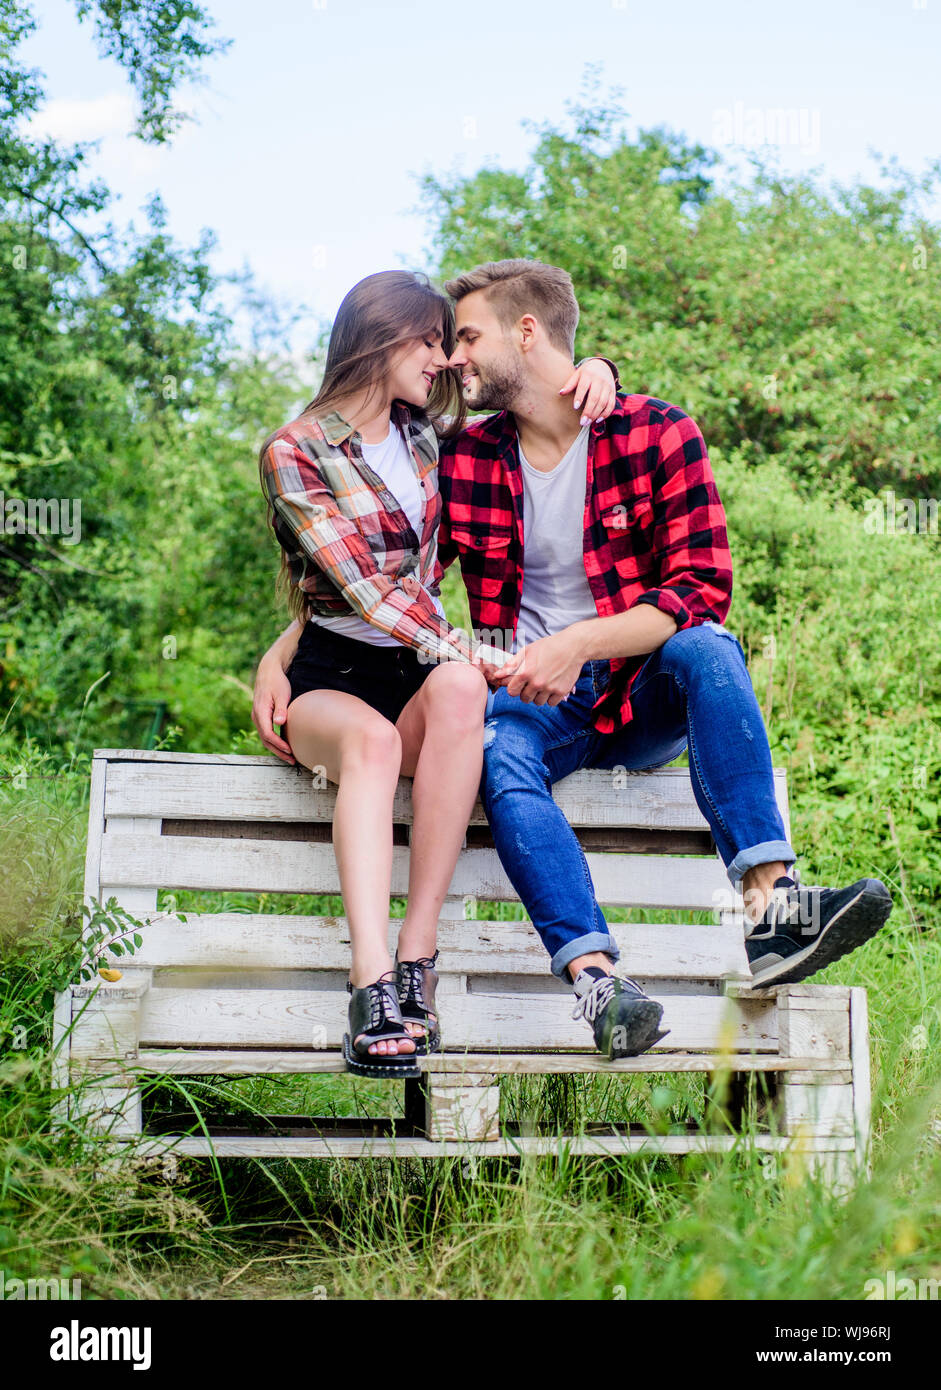 Comment trouver l'amour sans datation